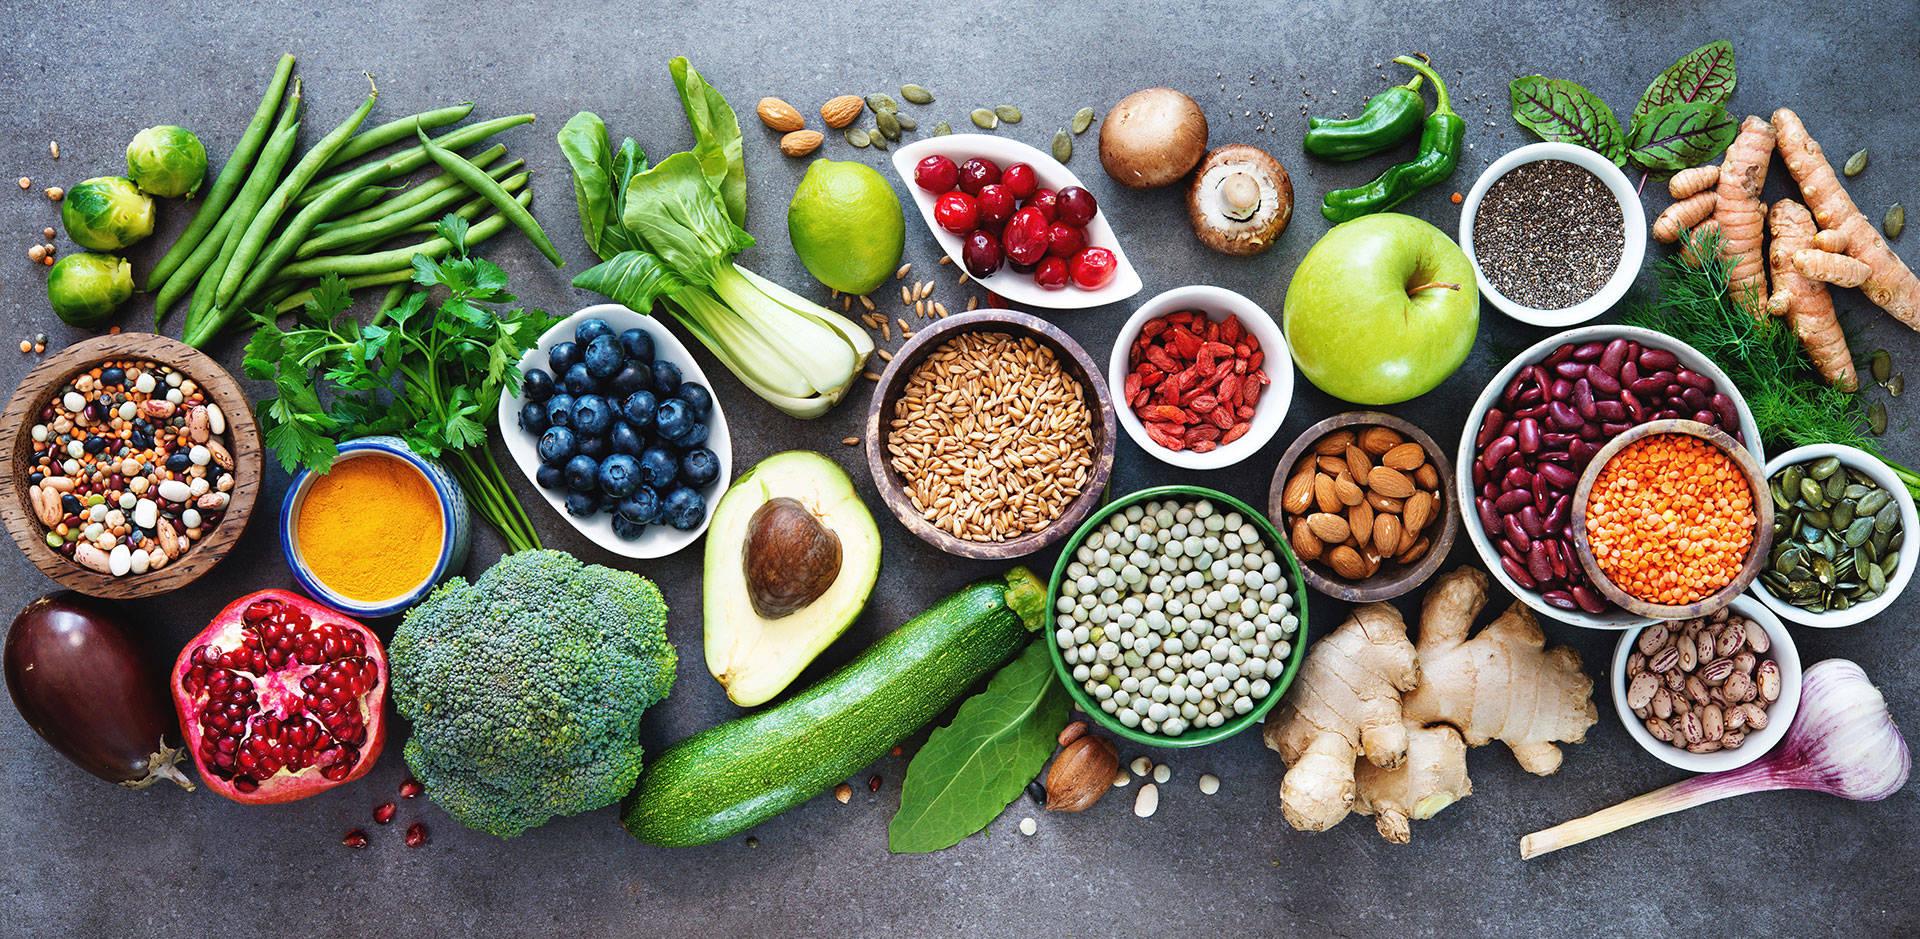 Ramazan'da sağlıklı beslenmenin yolları